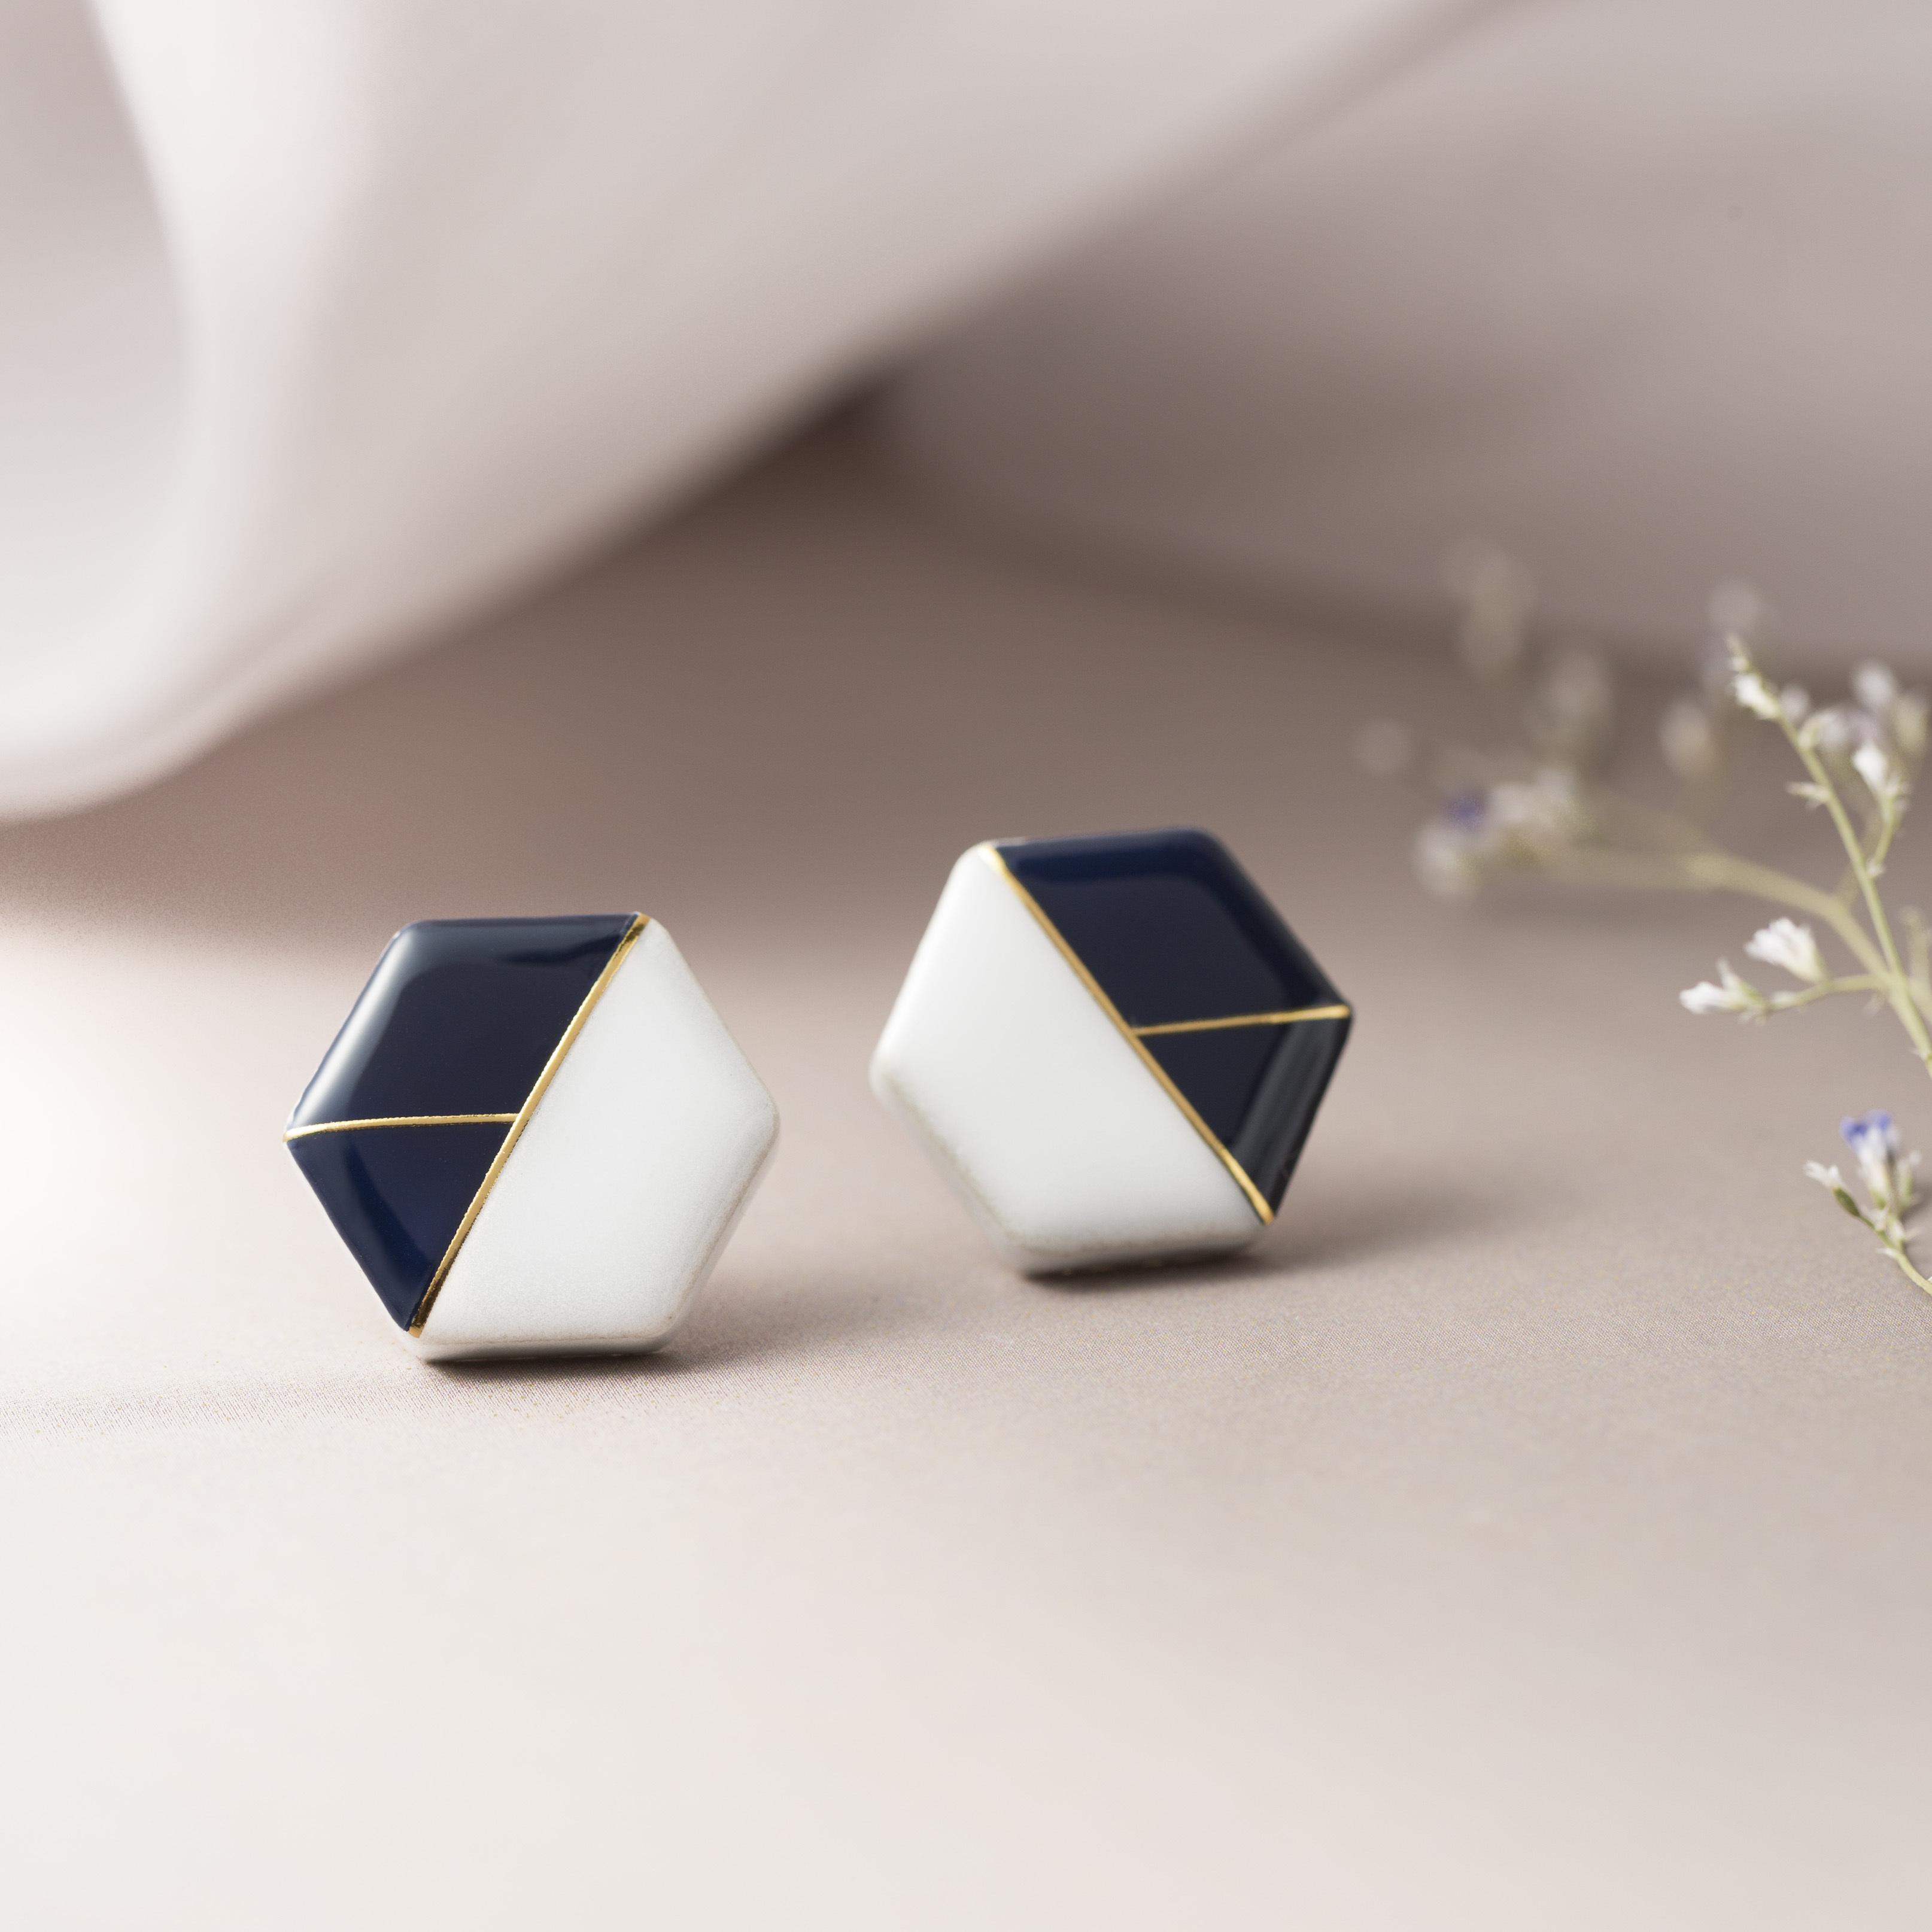 陶器 六角形 クラシカルライン イヤリング&ピアス ホワイト×ネイビー 伝統工芸品 美濃焼